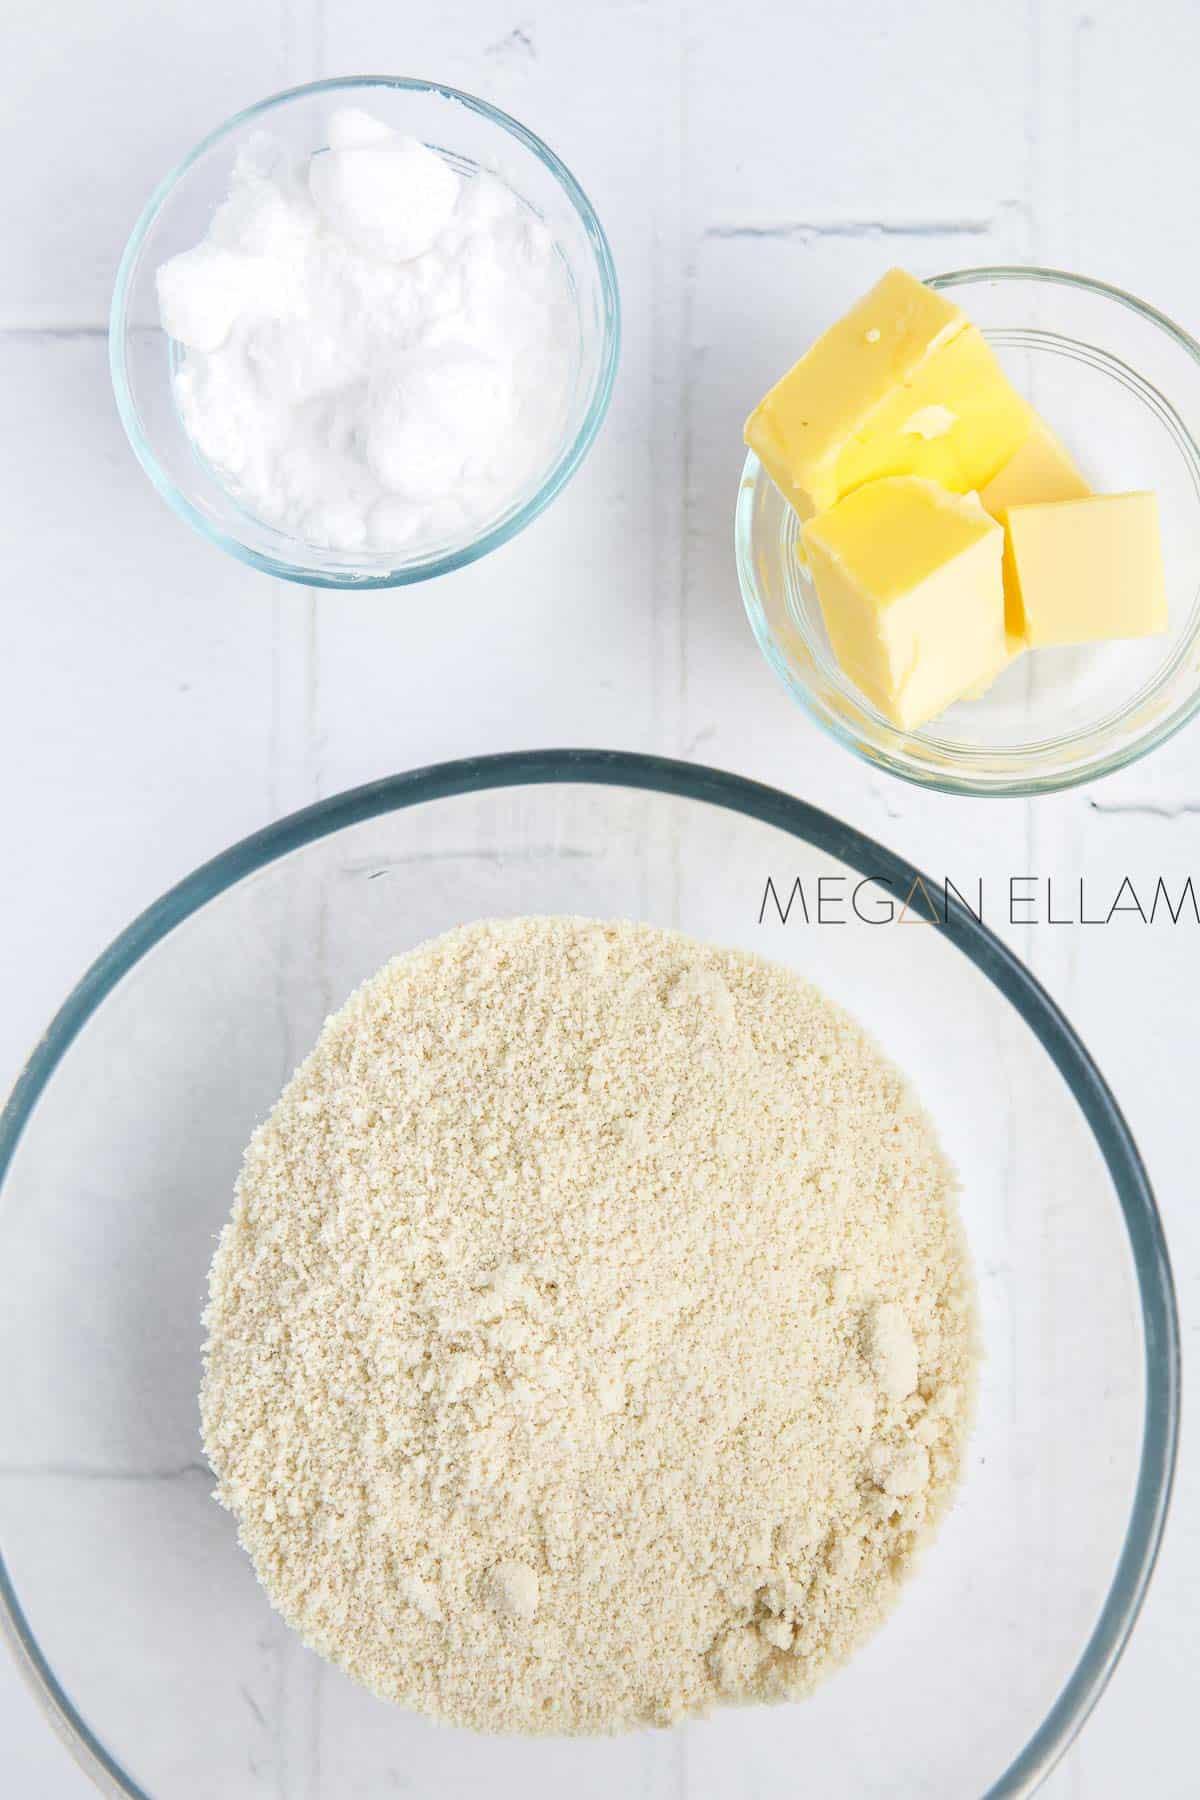 Almond Flour Cookies ingredients in 3 bowls